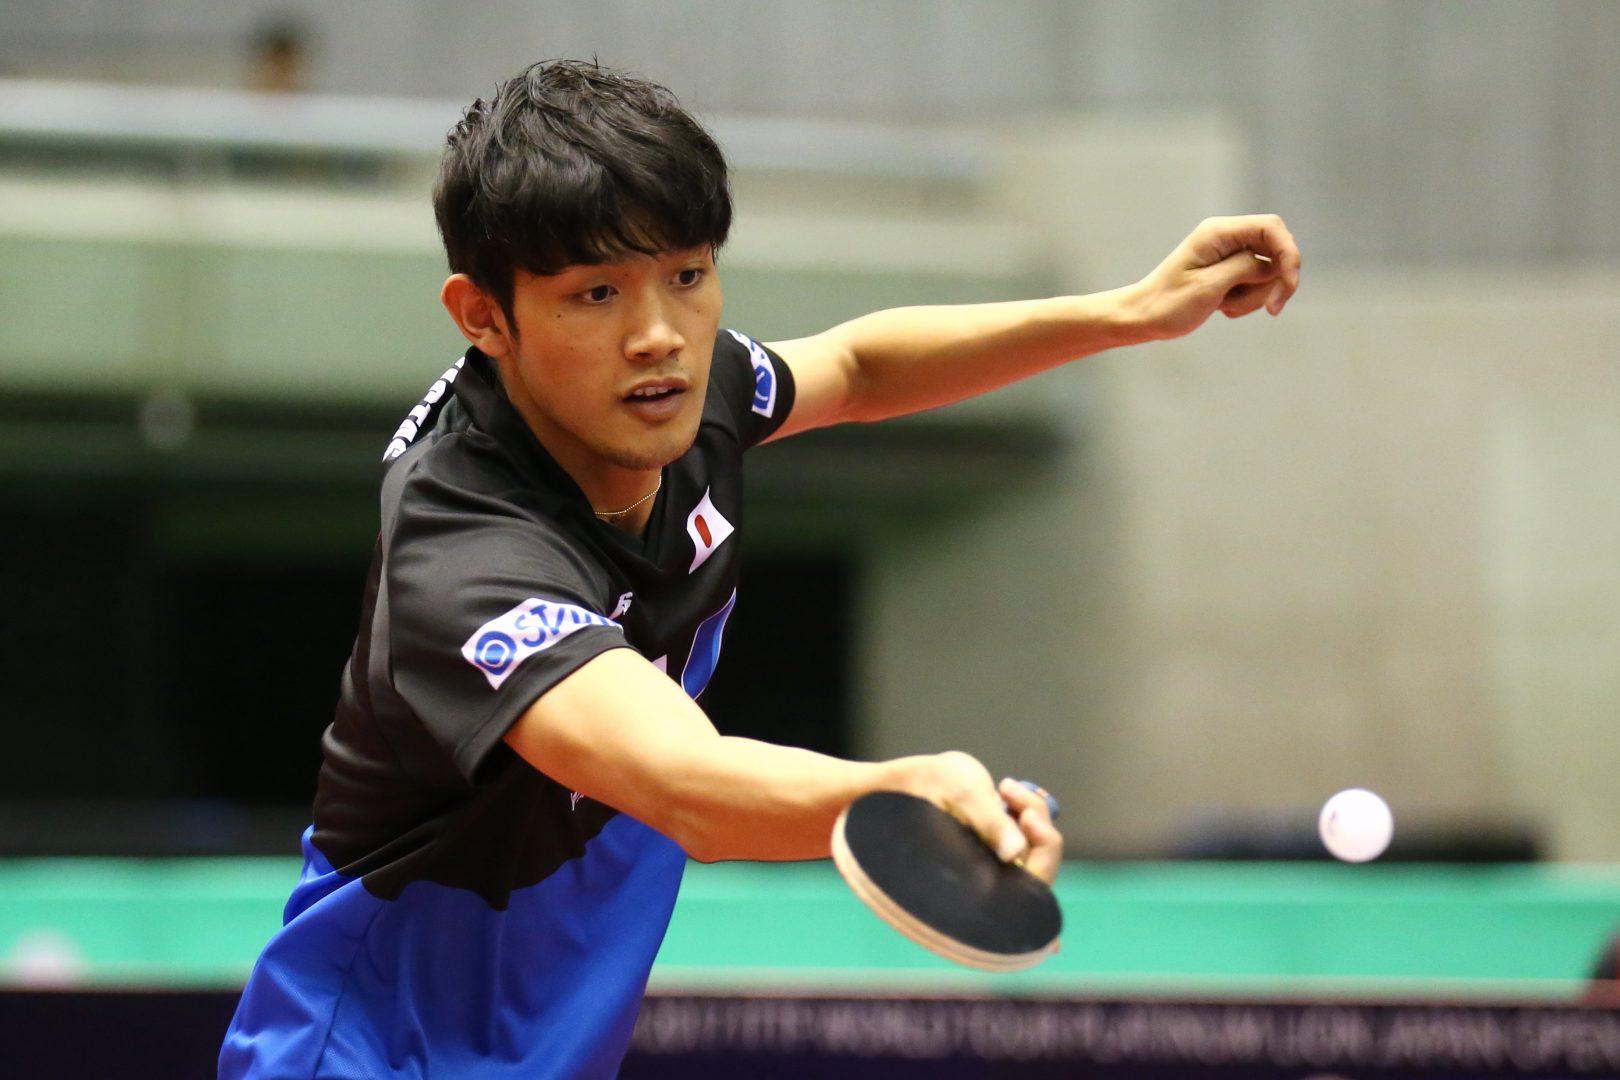 吉村和弘が決勝進出【ITTFワールドツアー・香港オープン男子5日目の結果】